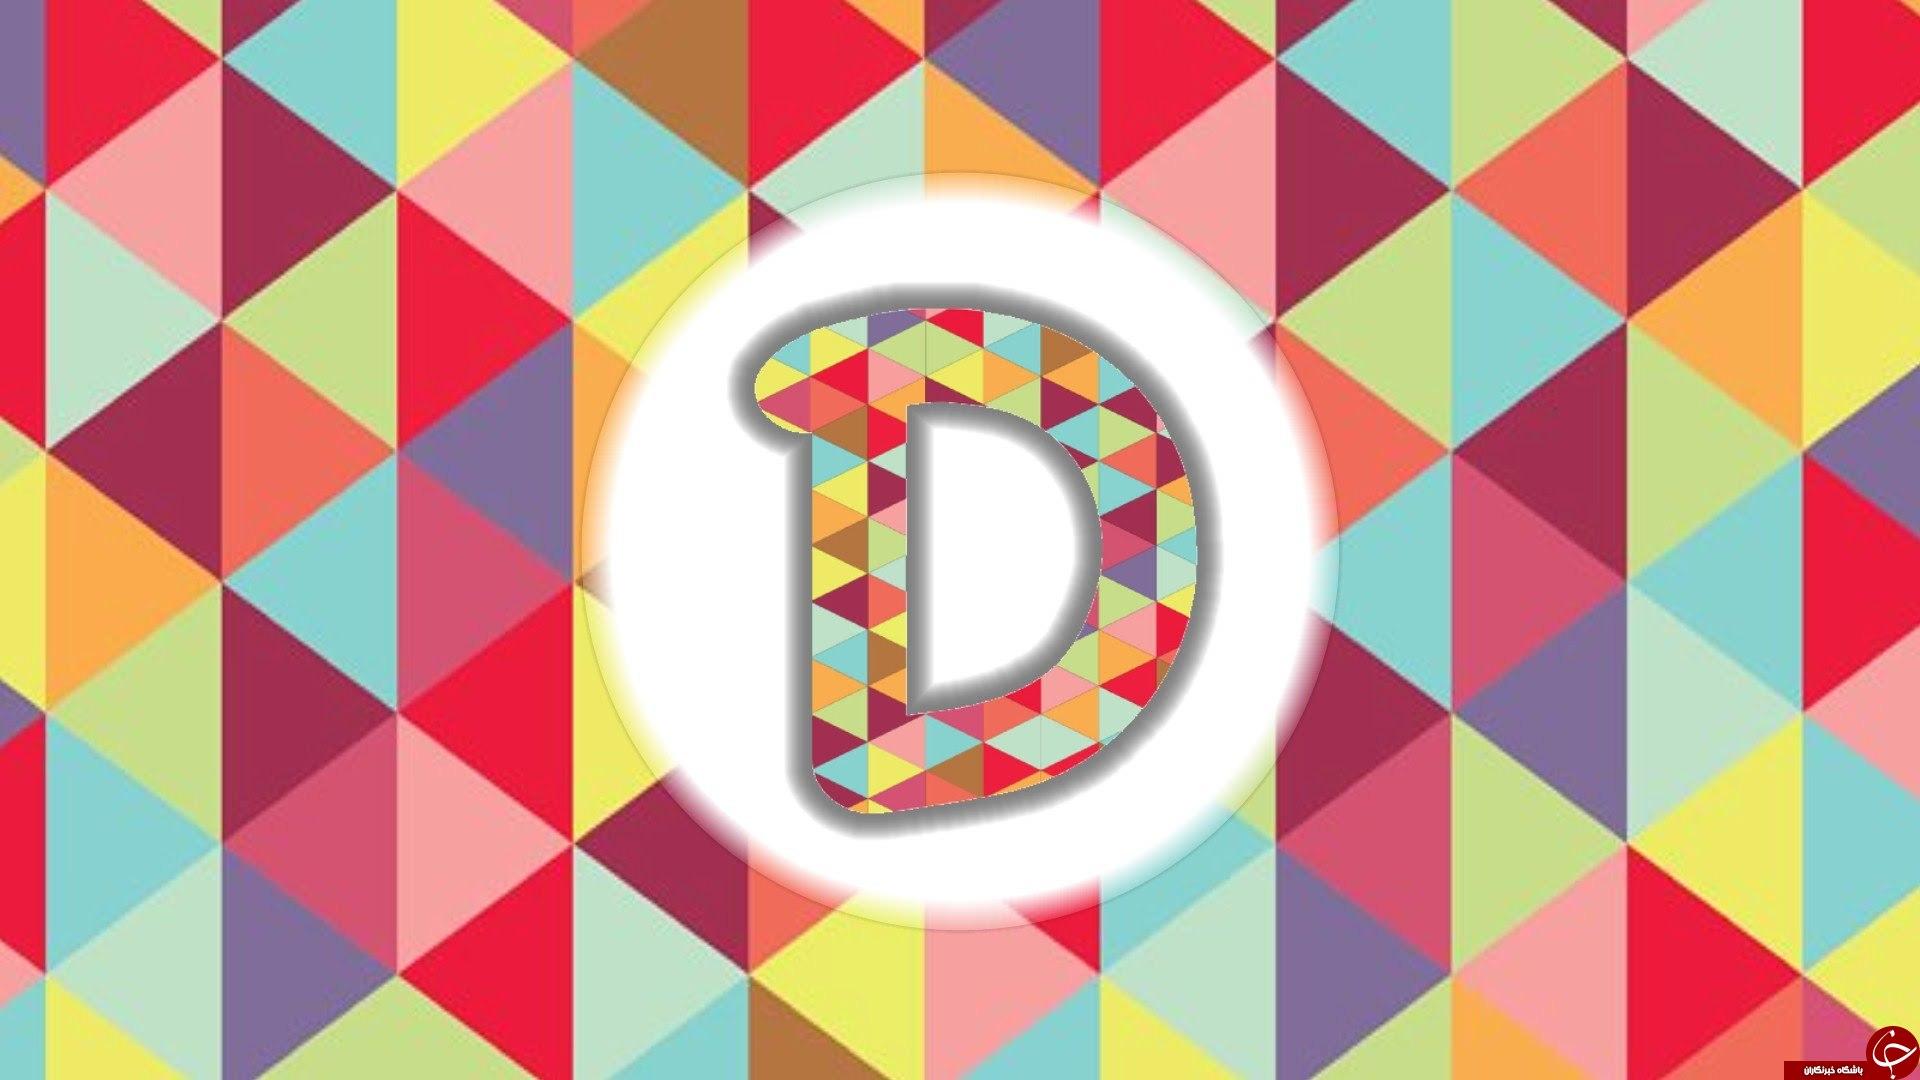 دانلود نرم افزار ساخت ویدیوهای دوبله با